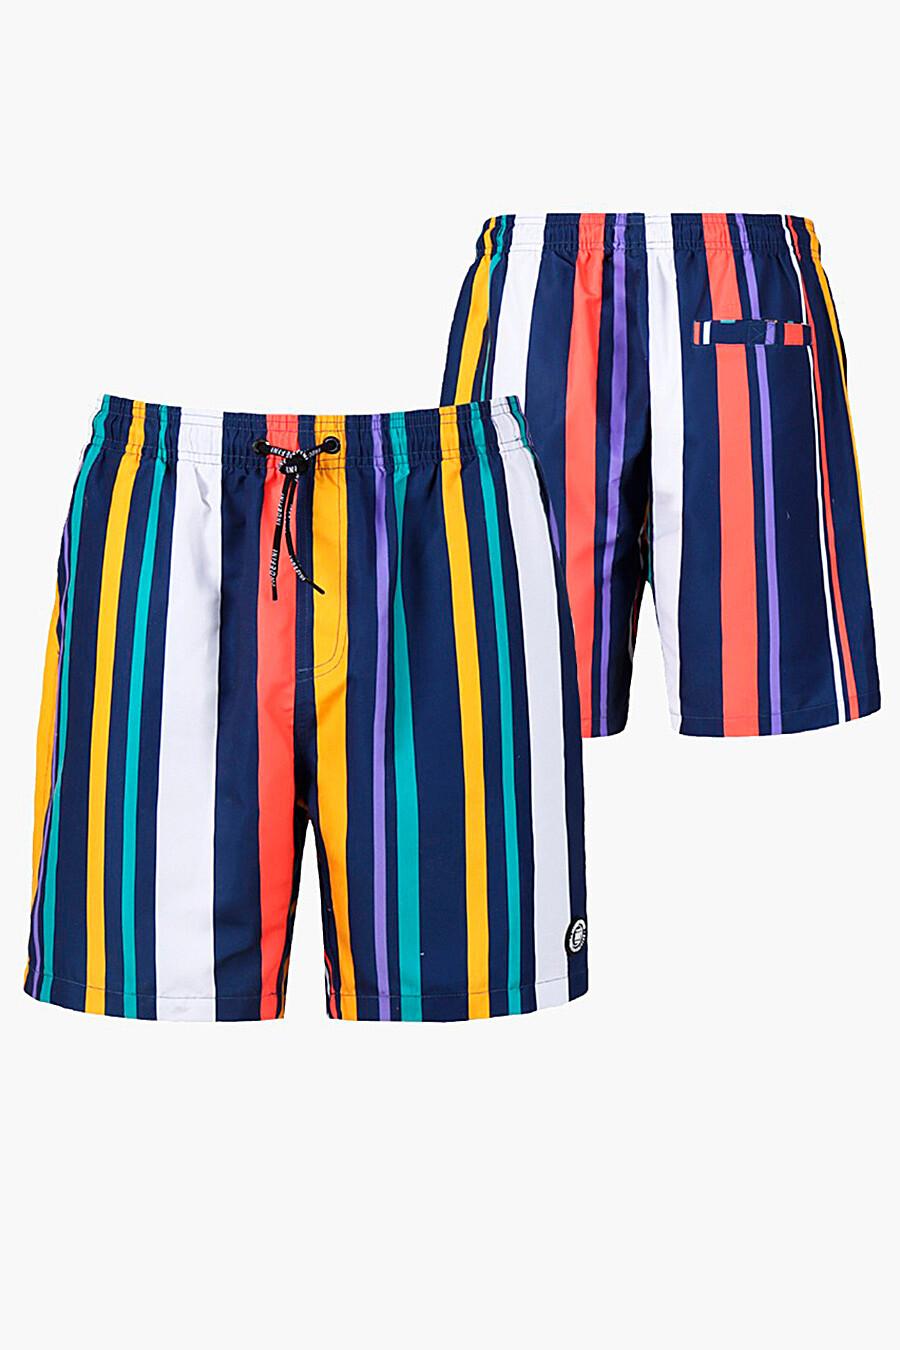 Шорты для мужчин INDEFINI 321782 купить оптом от производителя. Совместная покупка мужской одежды в OptMoyo